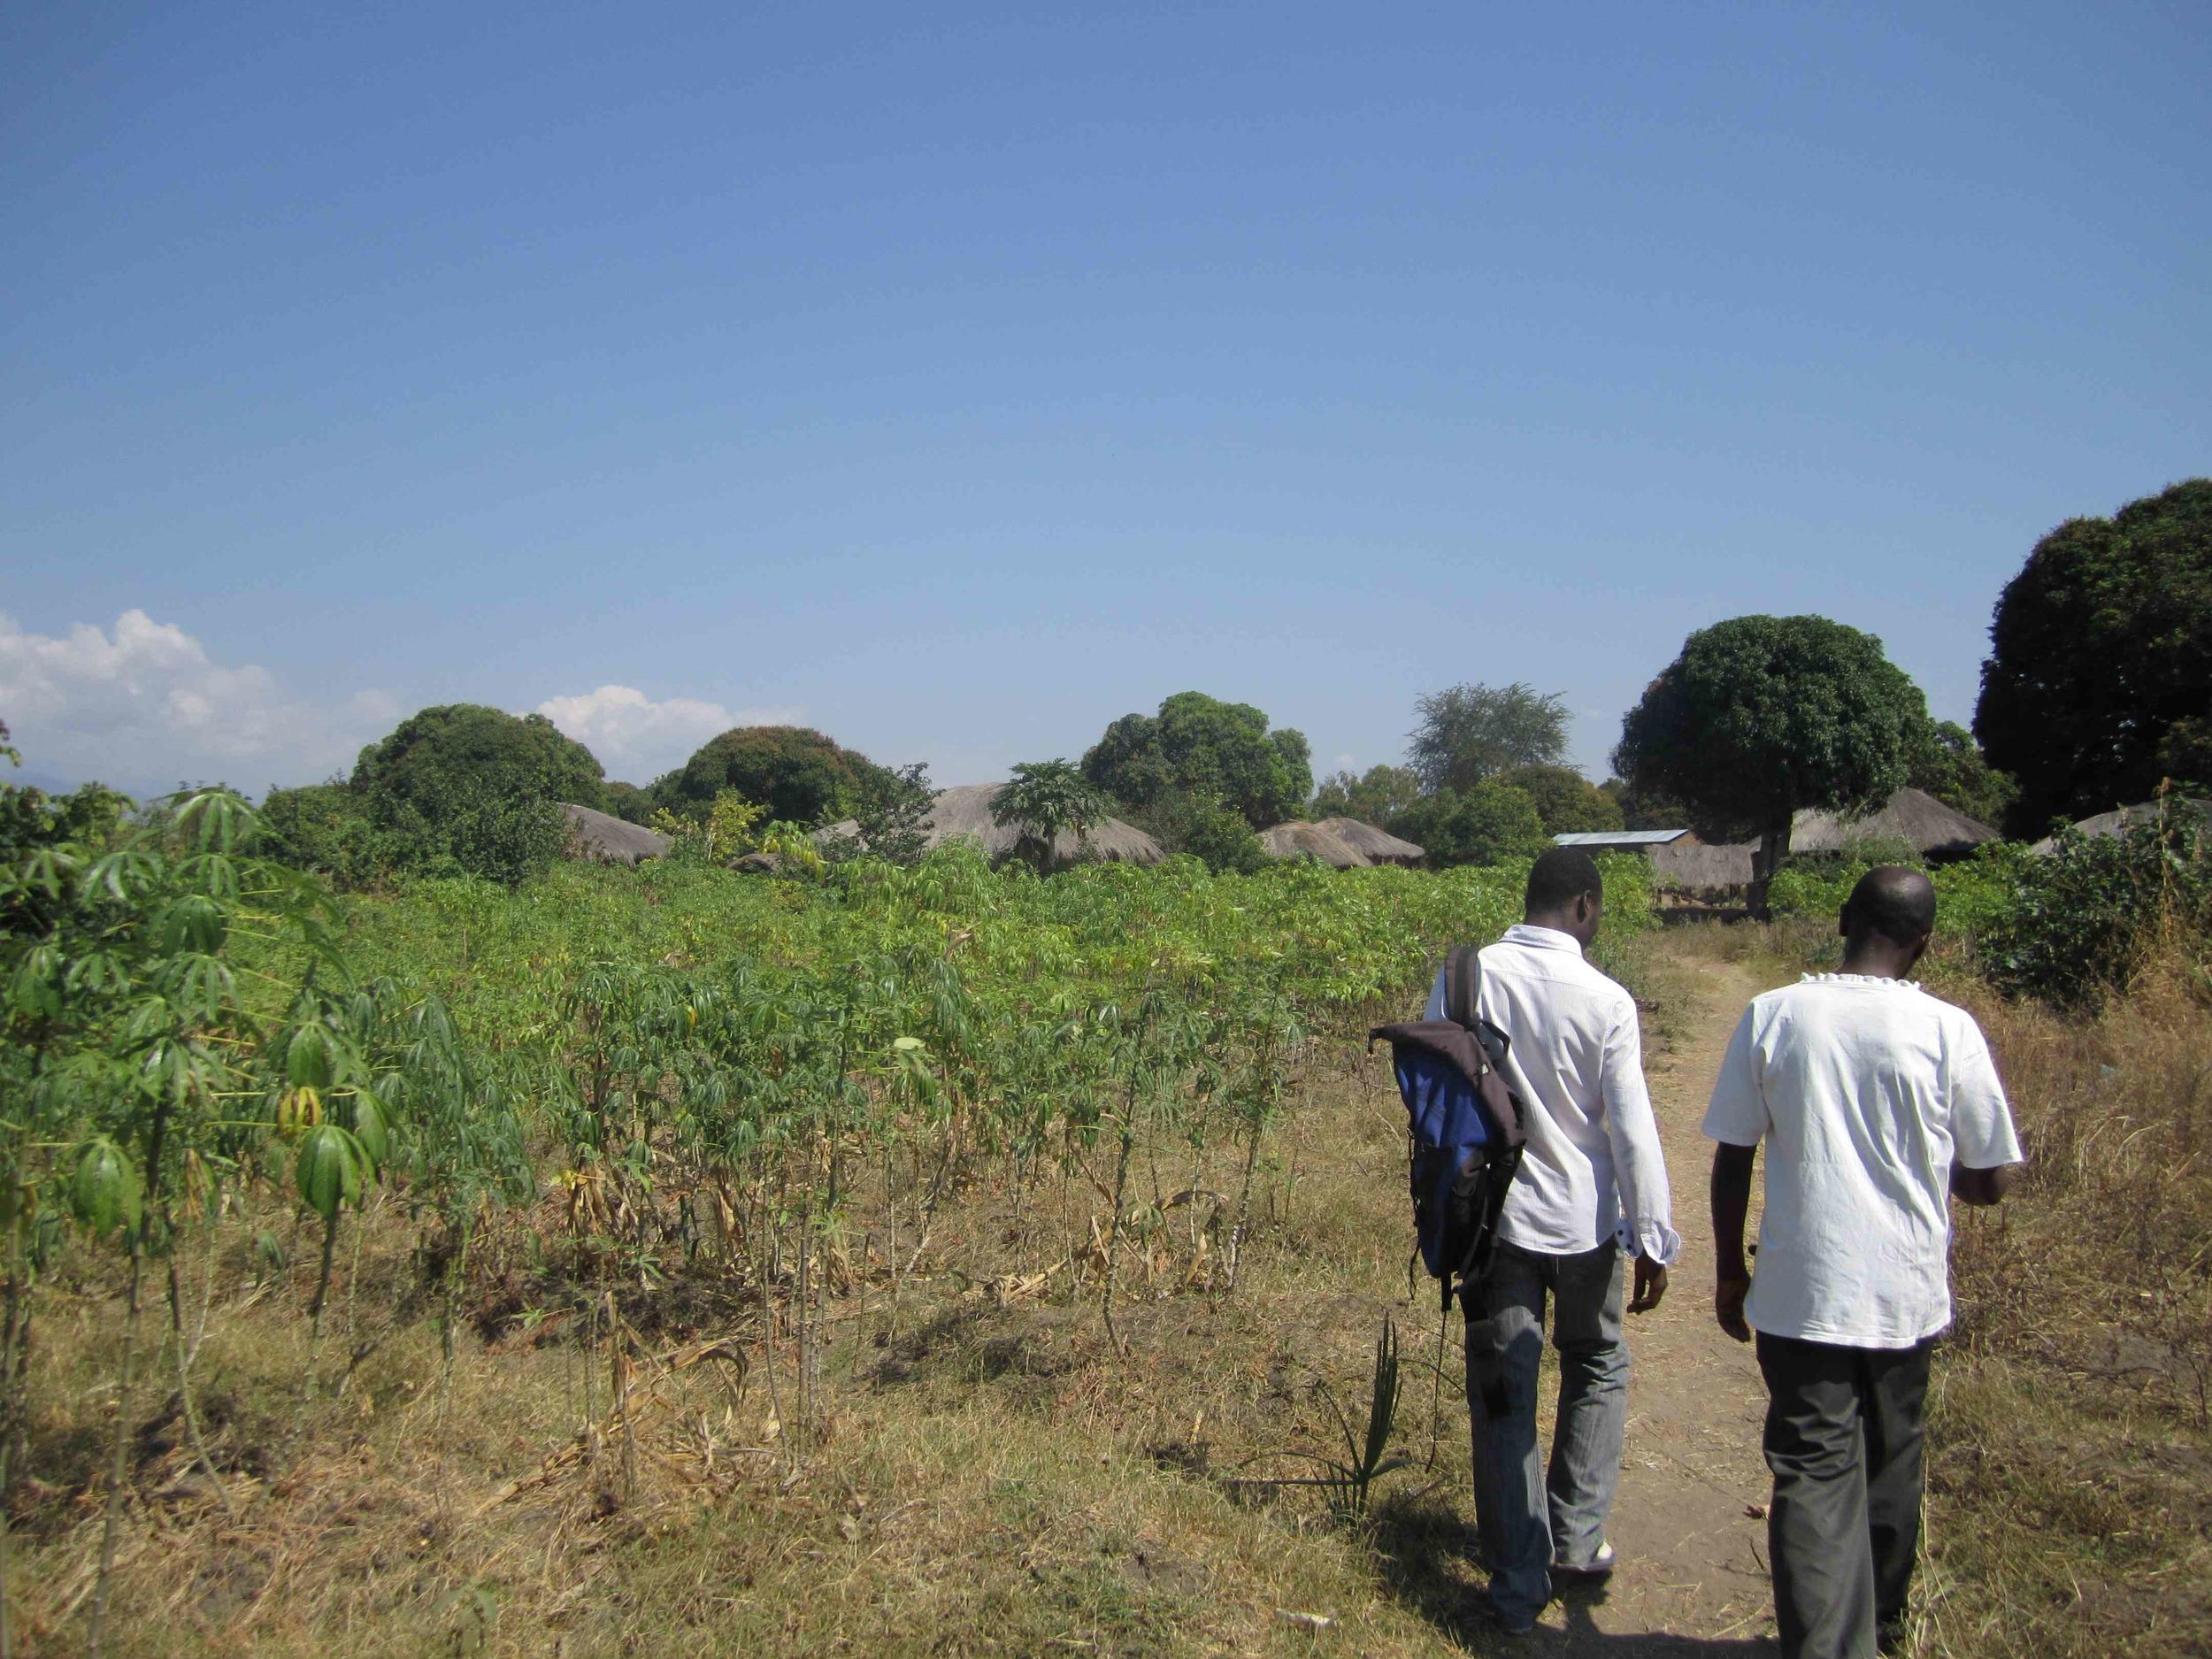 fieldwork in Karonga district rural malawi